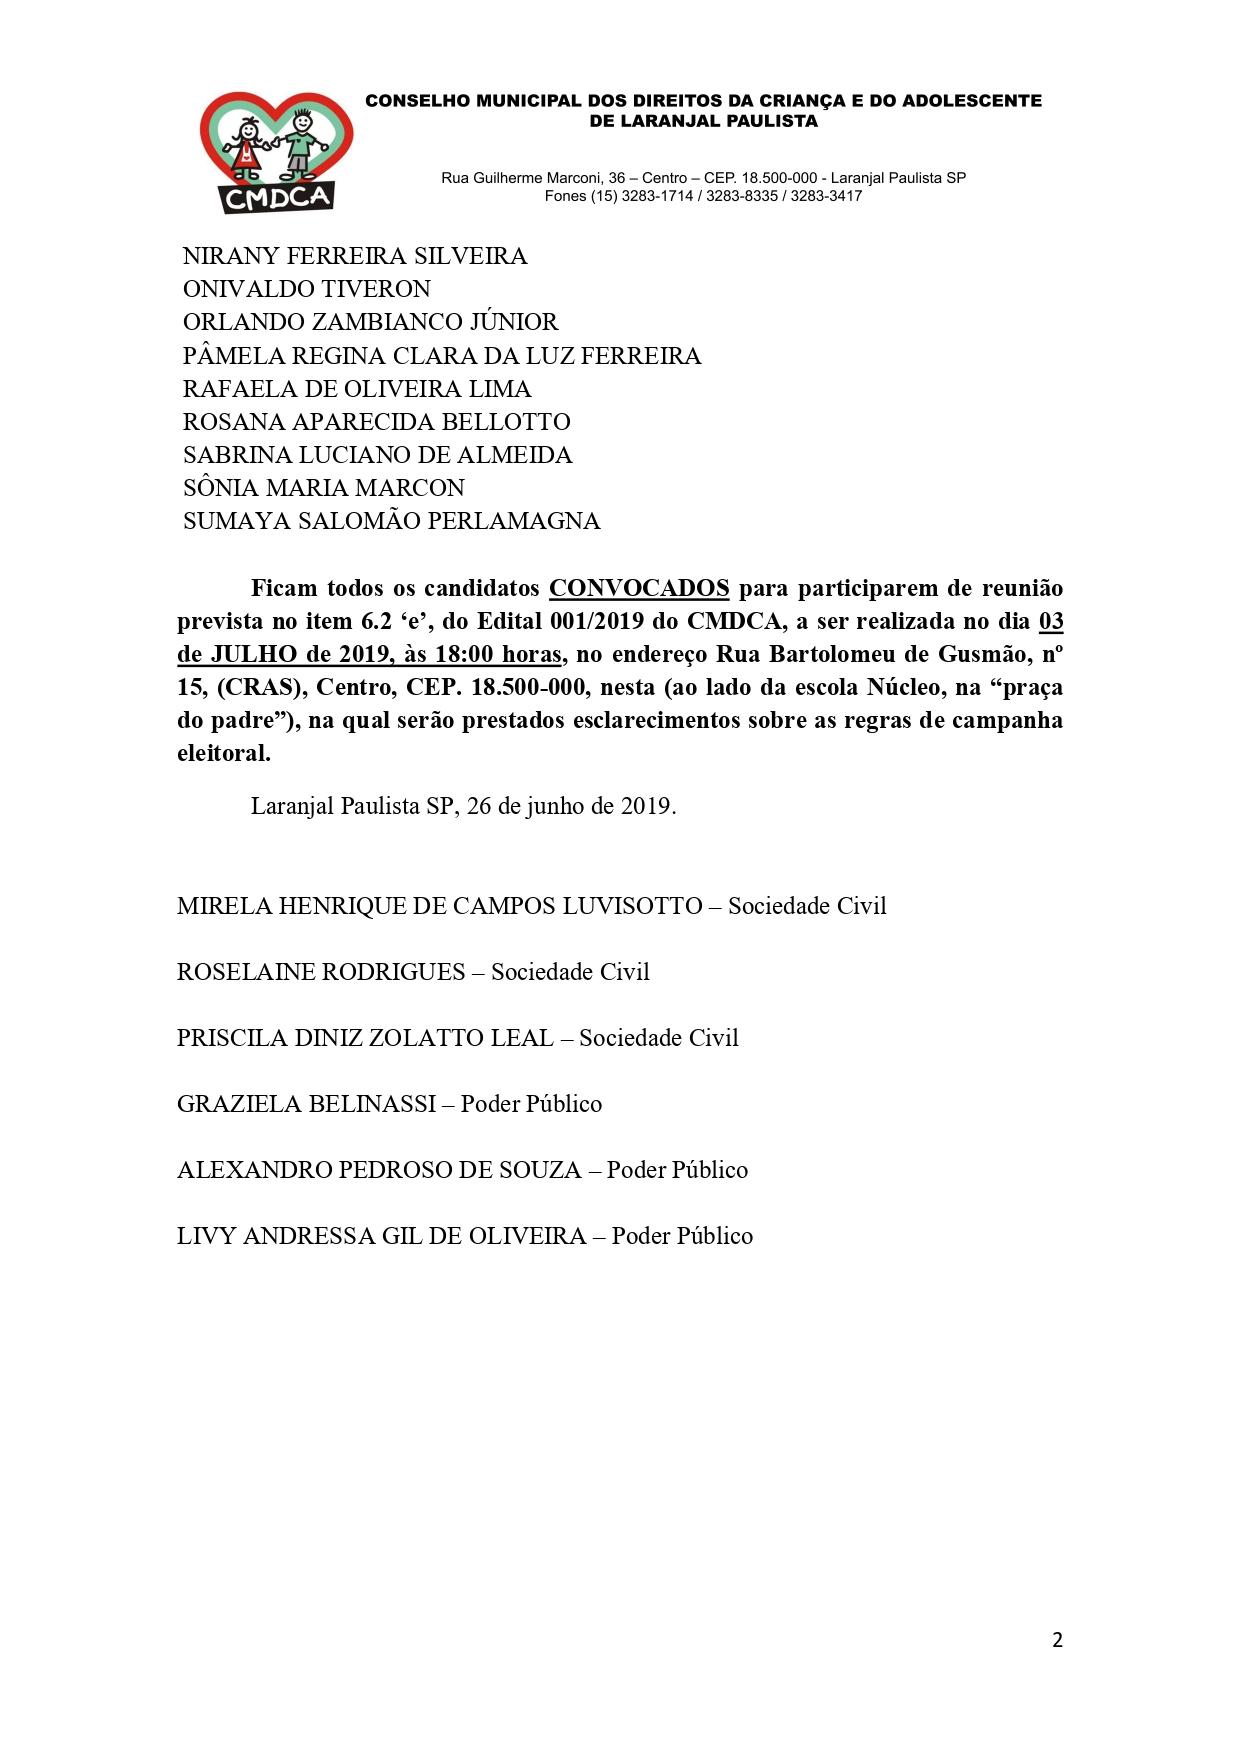 Publicação dos Candidatos habilitados e convocação para reunião que autoriza o início da Campanha Eleitoral